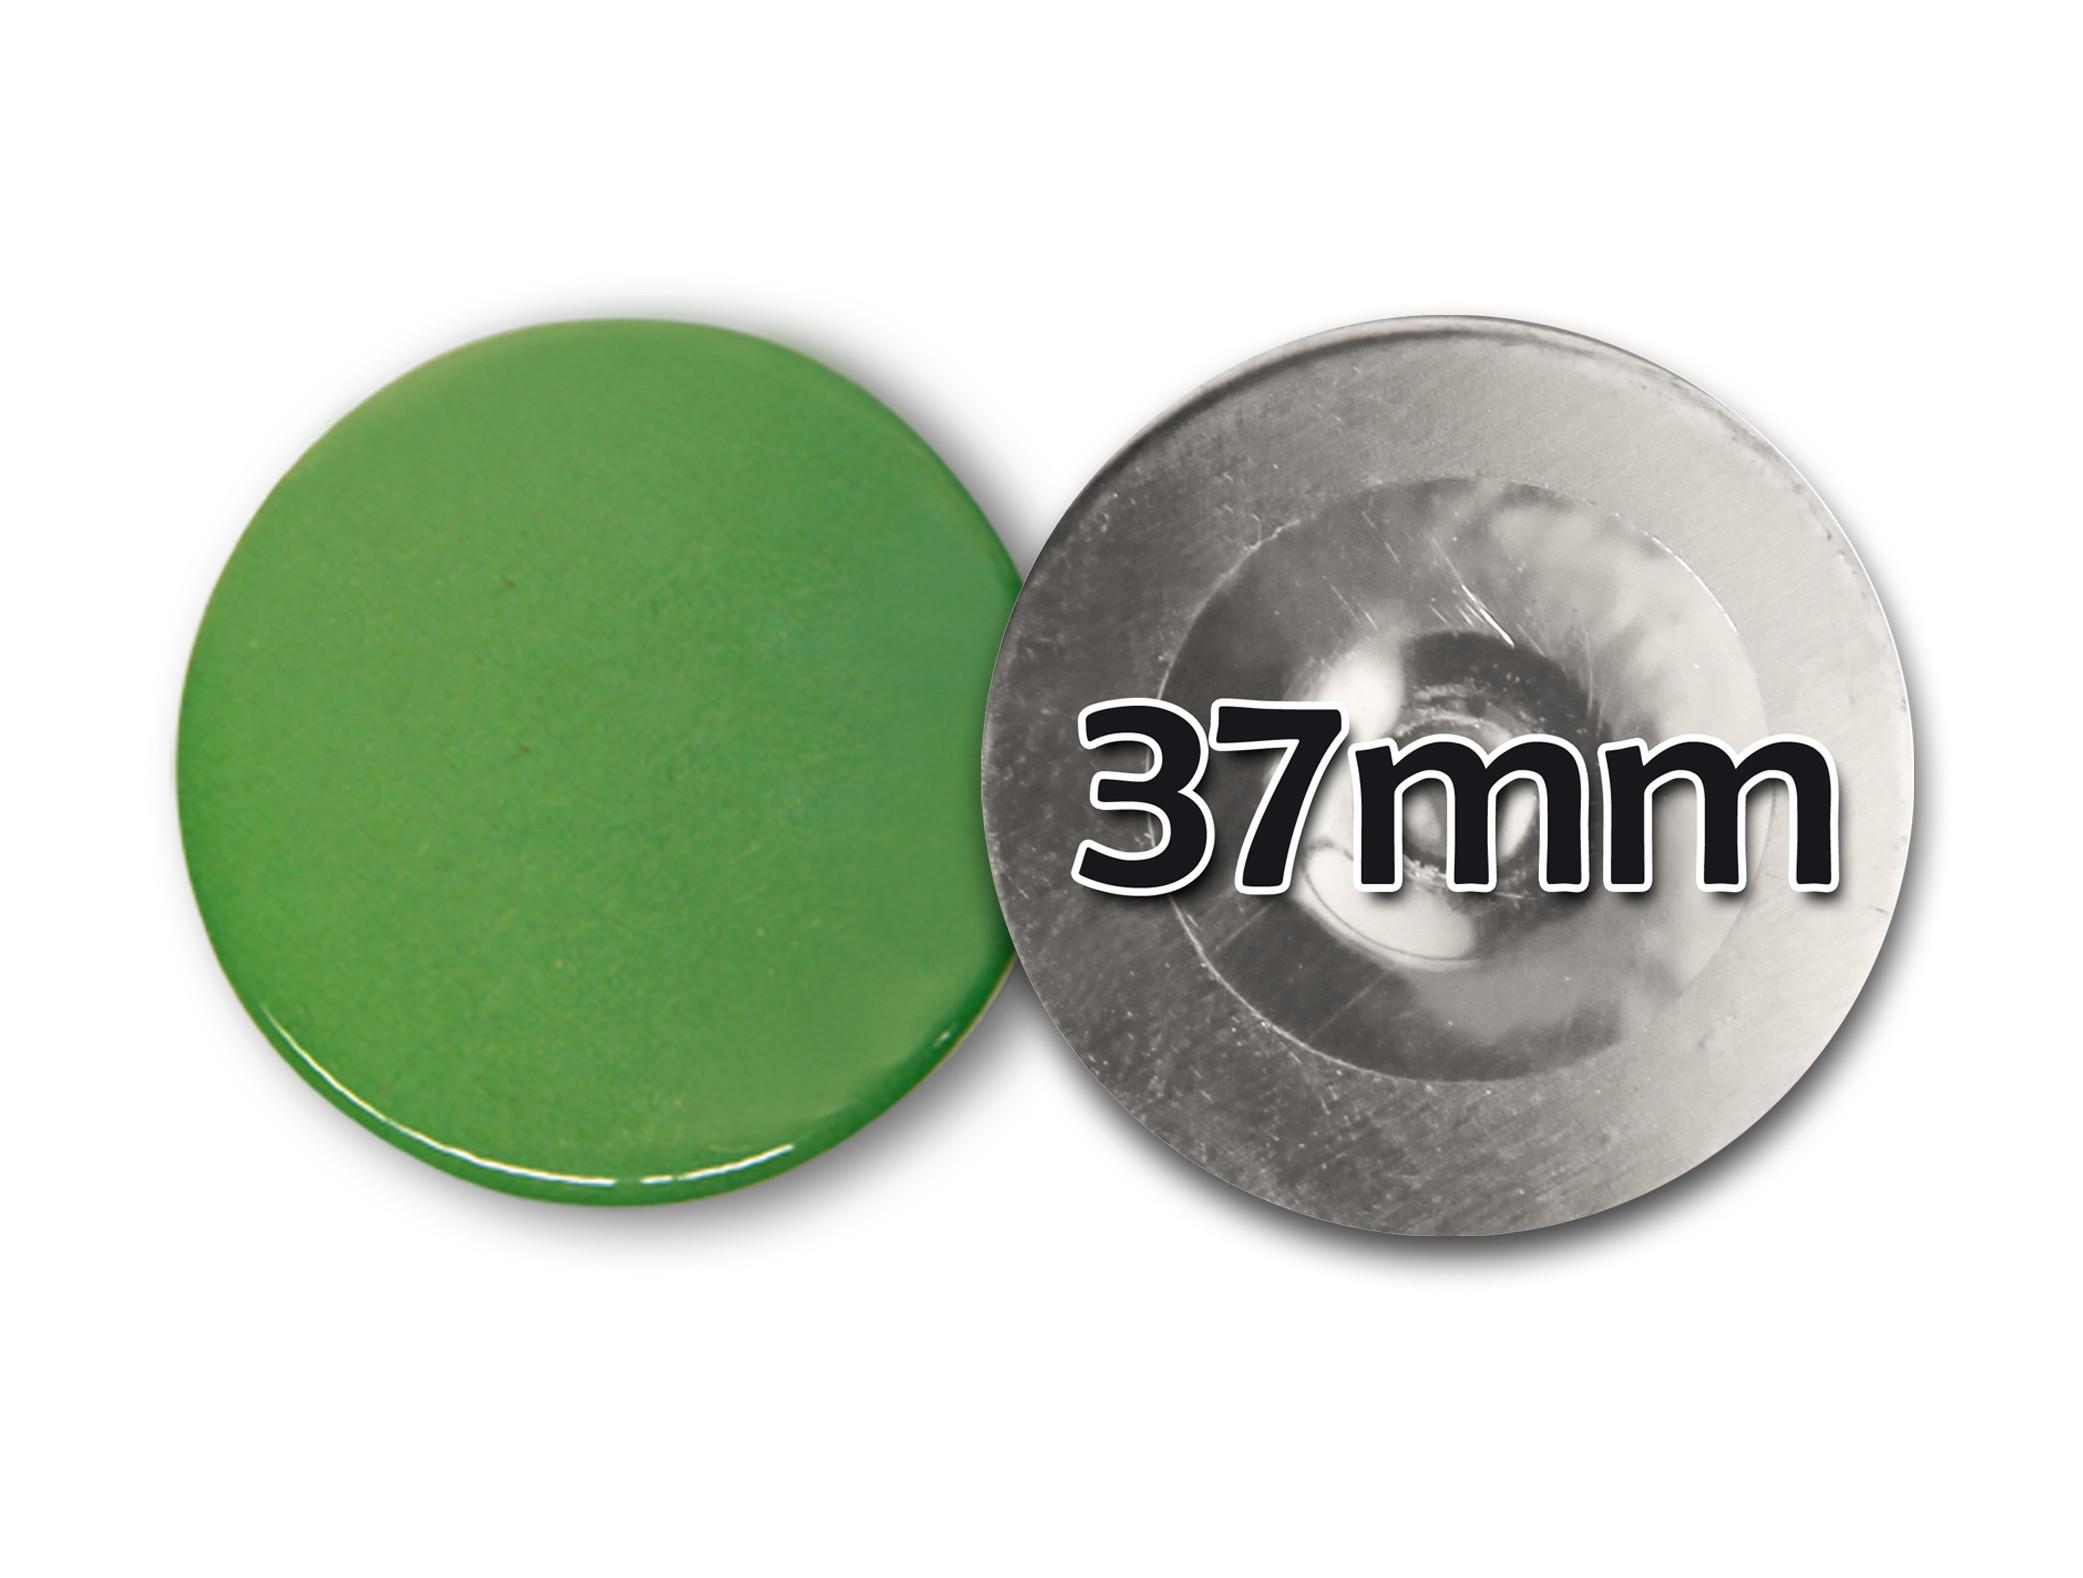 37mm Fertigbutton Powermagnet